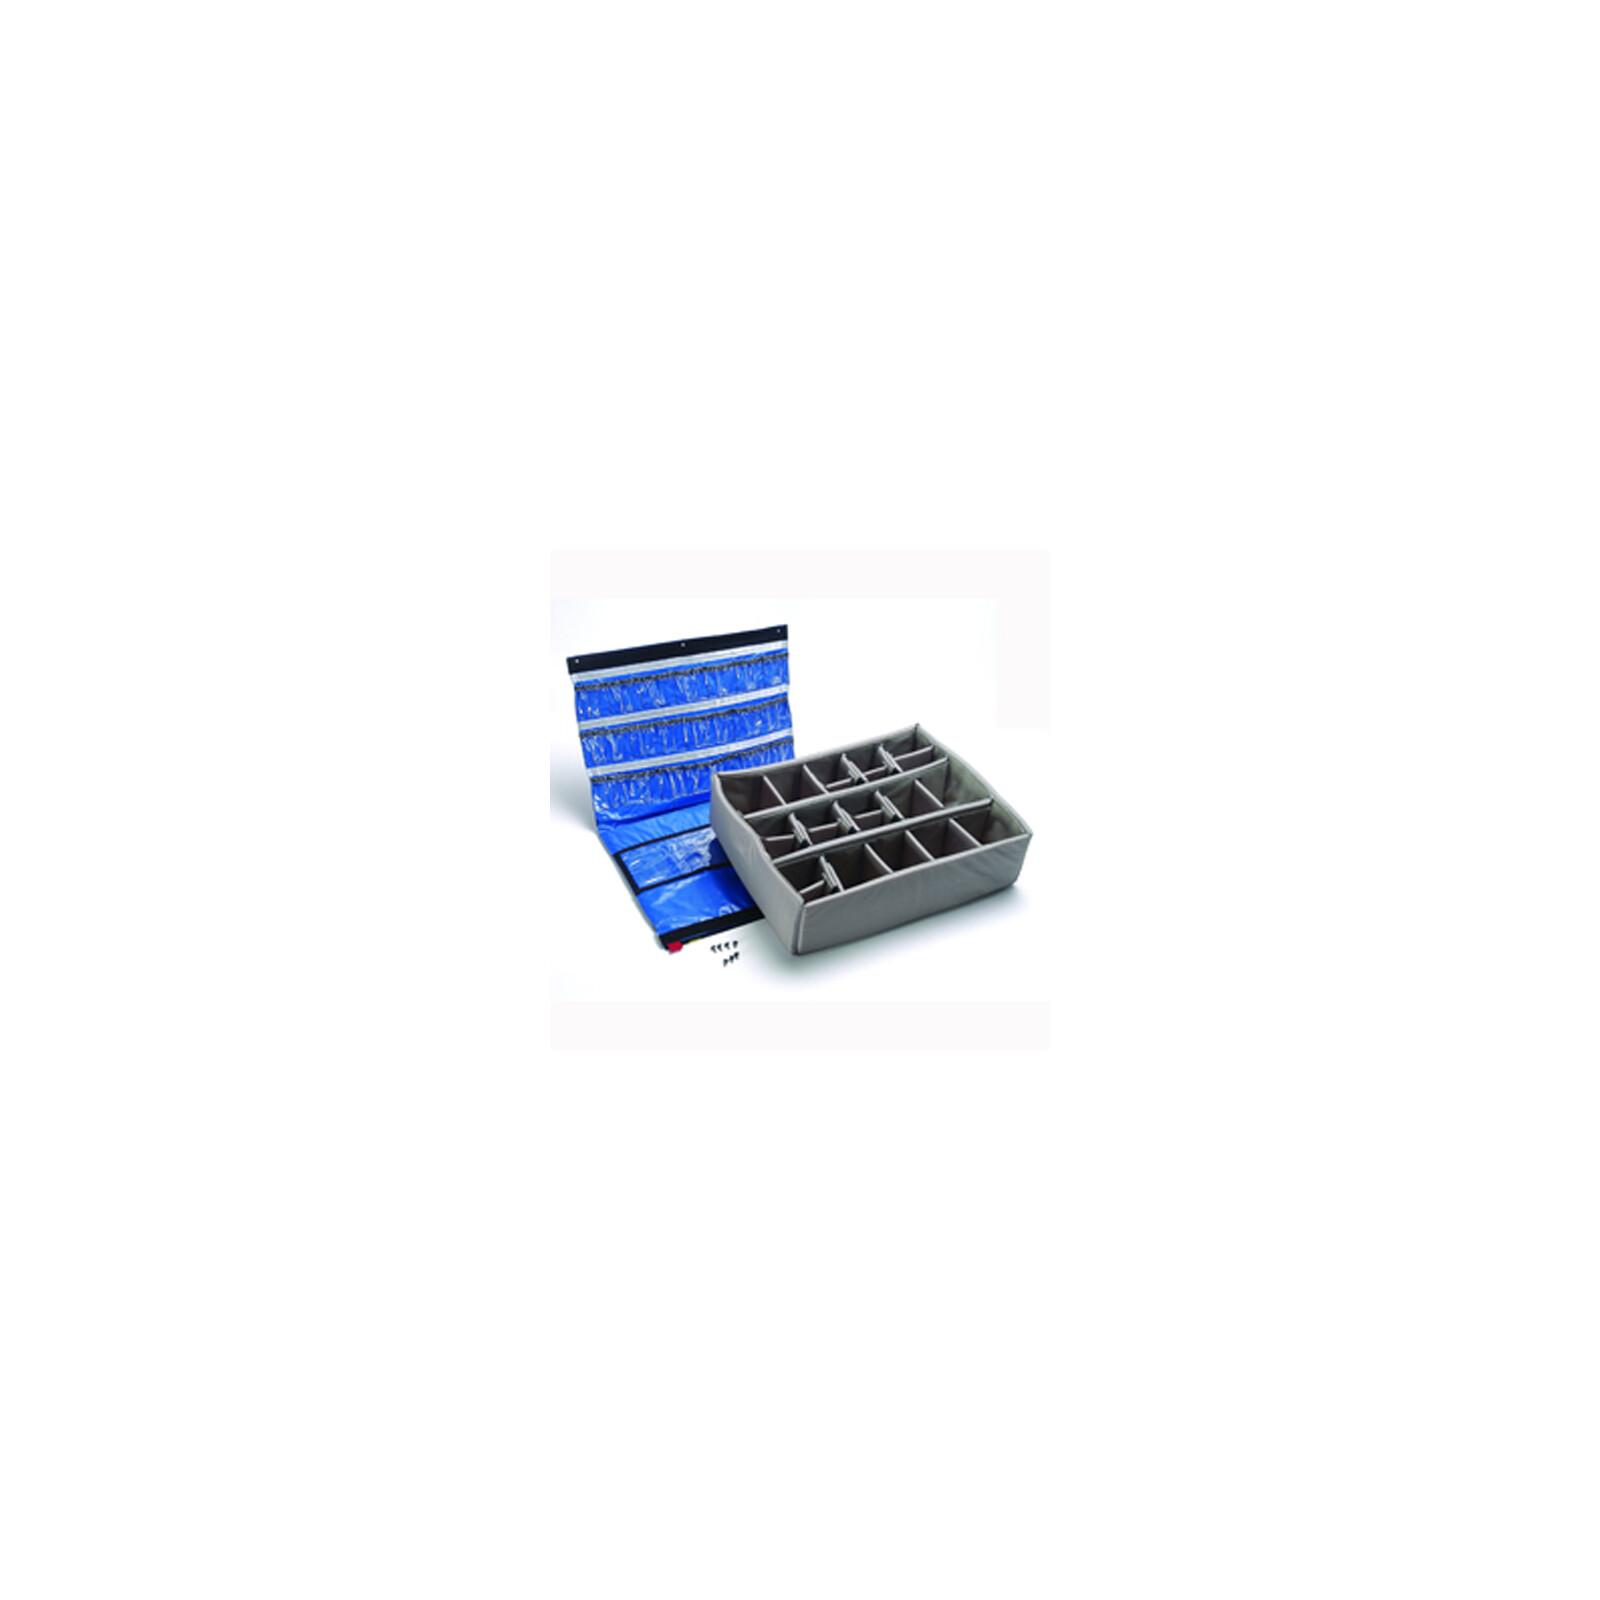 PELI 1600 EMS Notfall-Ausstattung